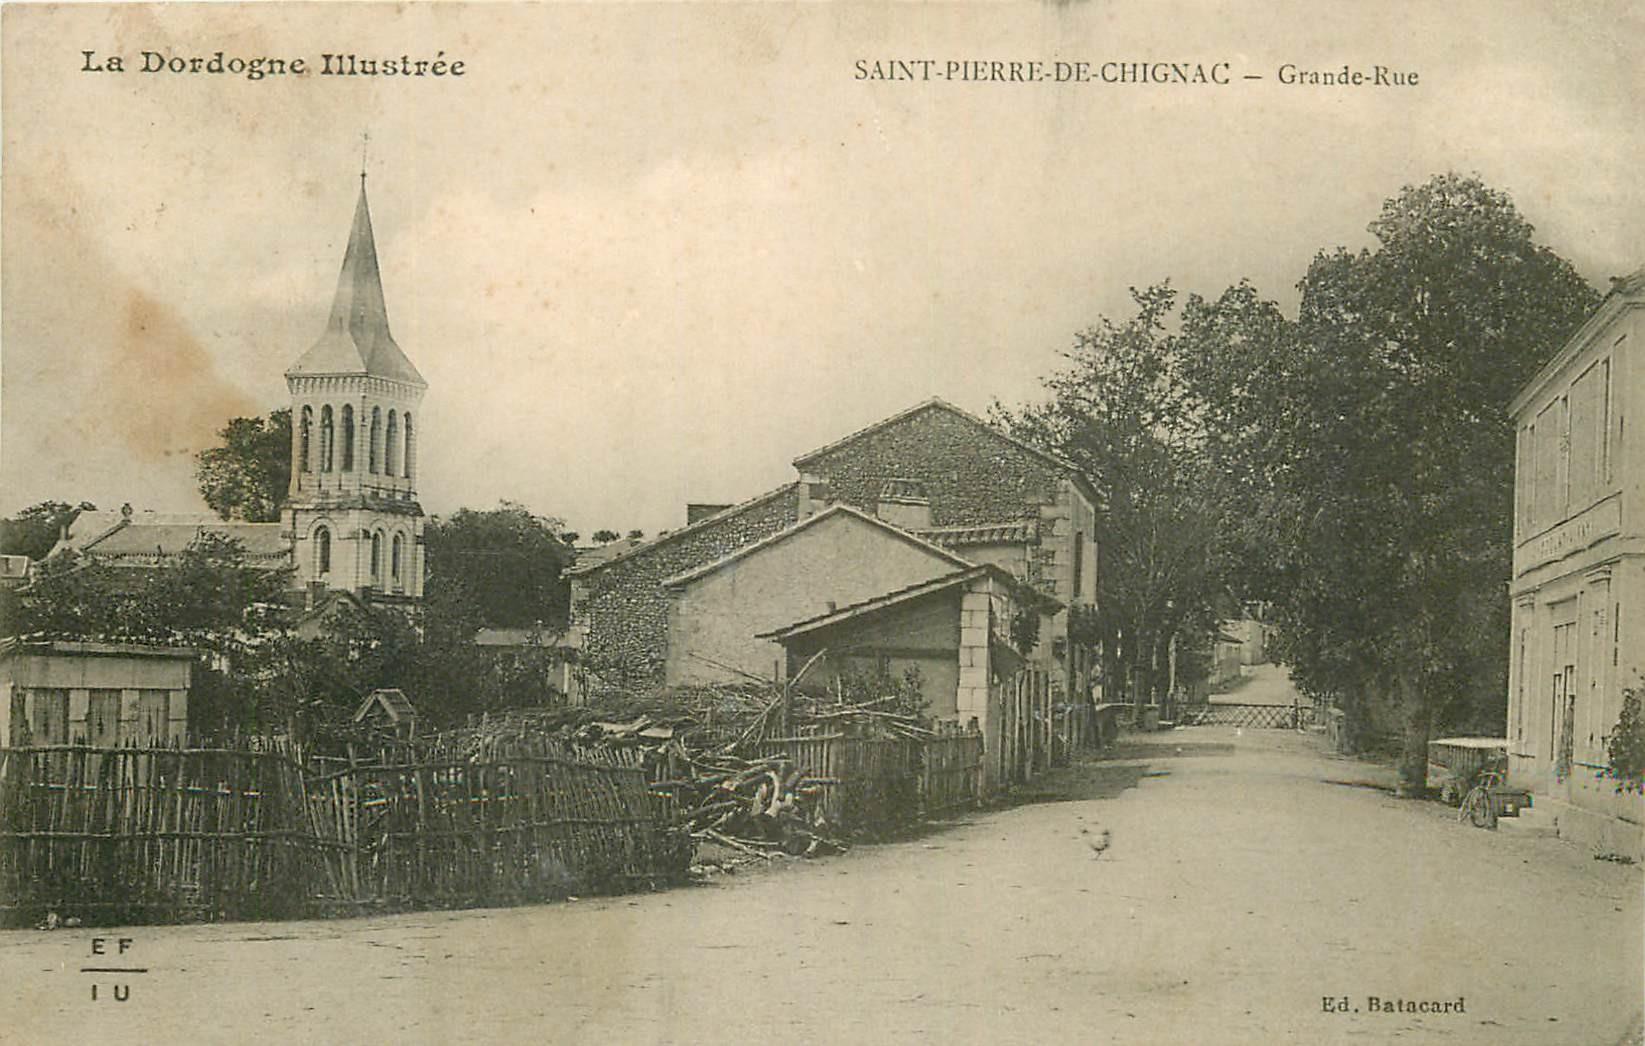 WW 24 SAINT-PIERRE-DE-CHIGNAC. Chocolat Vinay sur Grande Rue 1911